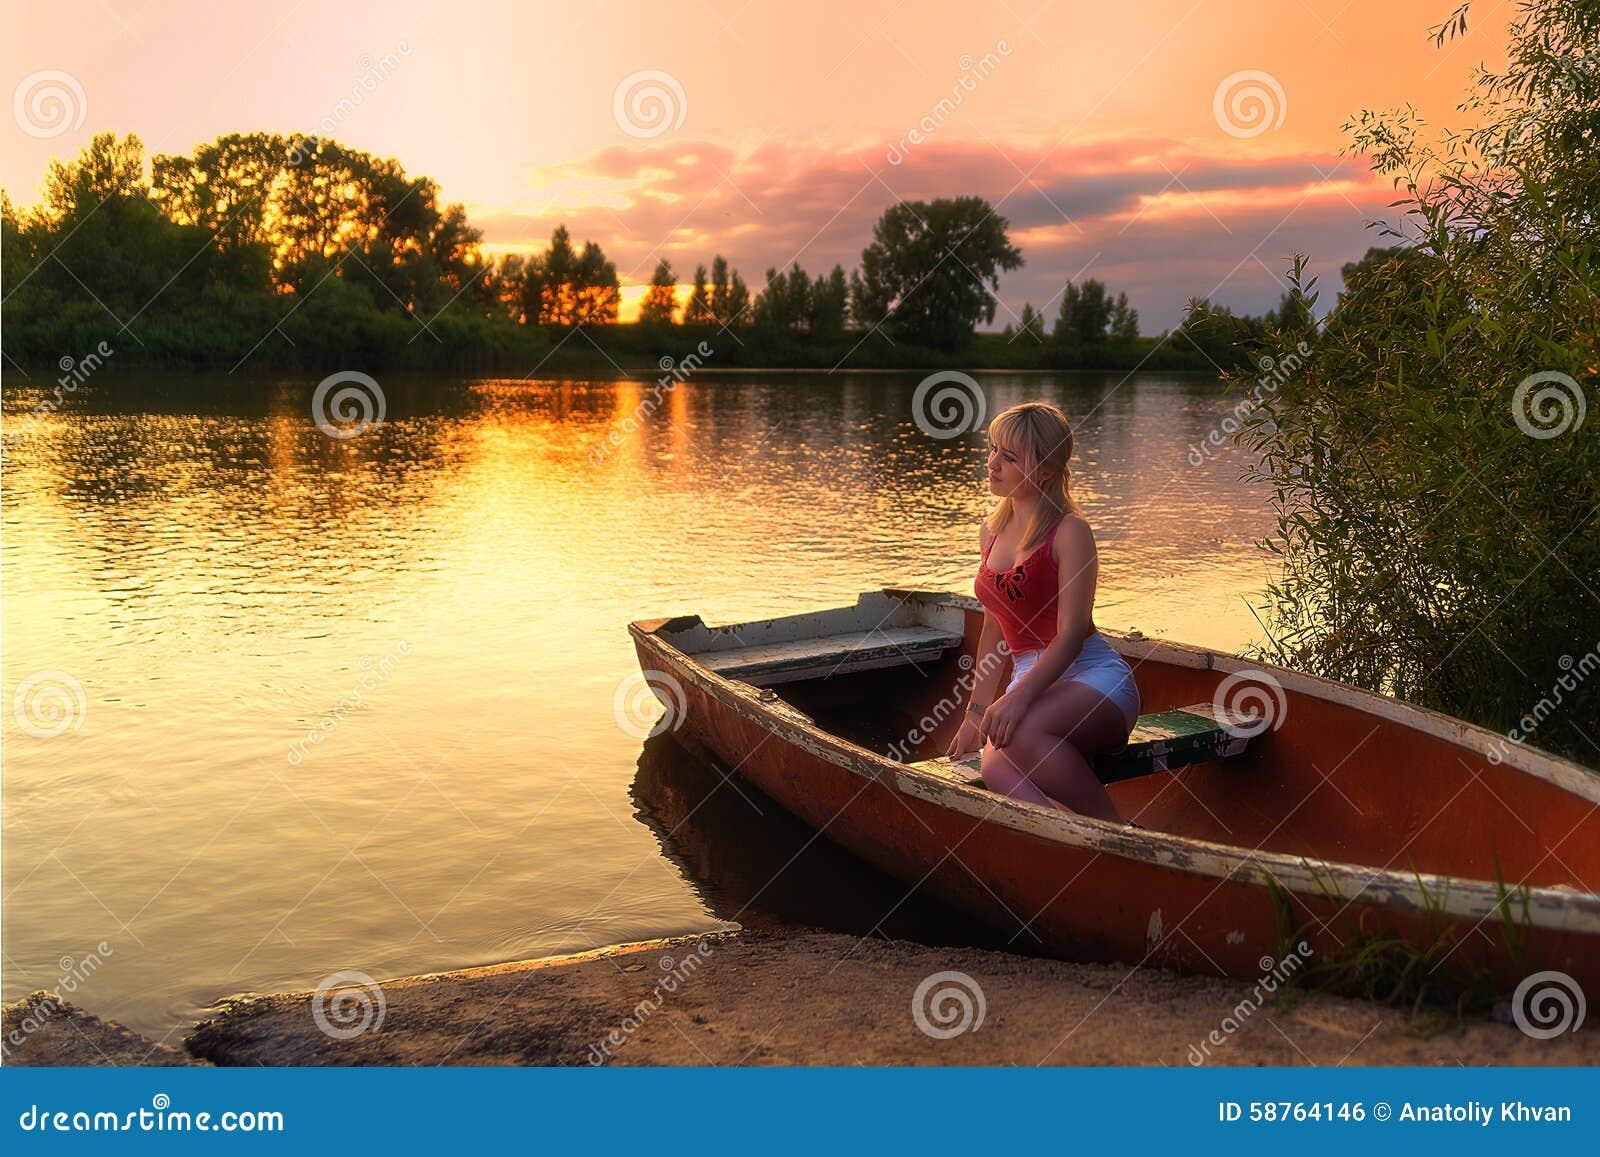 Девушка на речке и закат фото